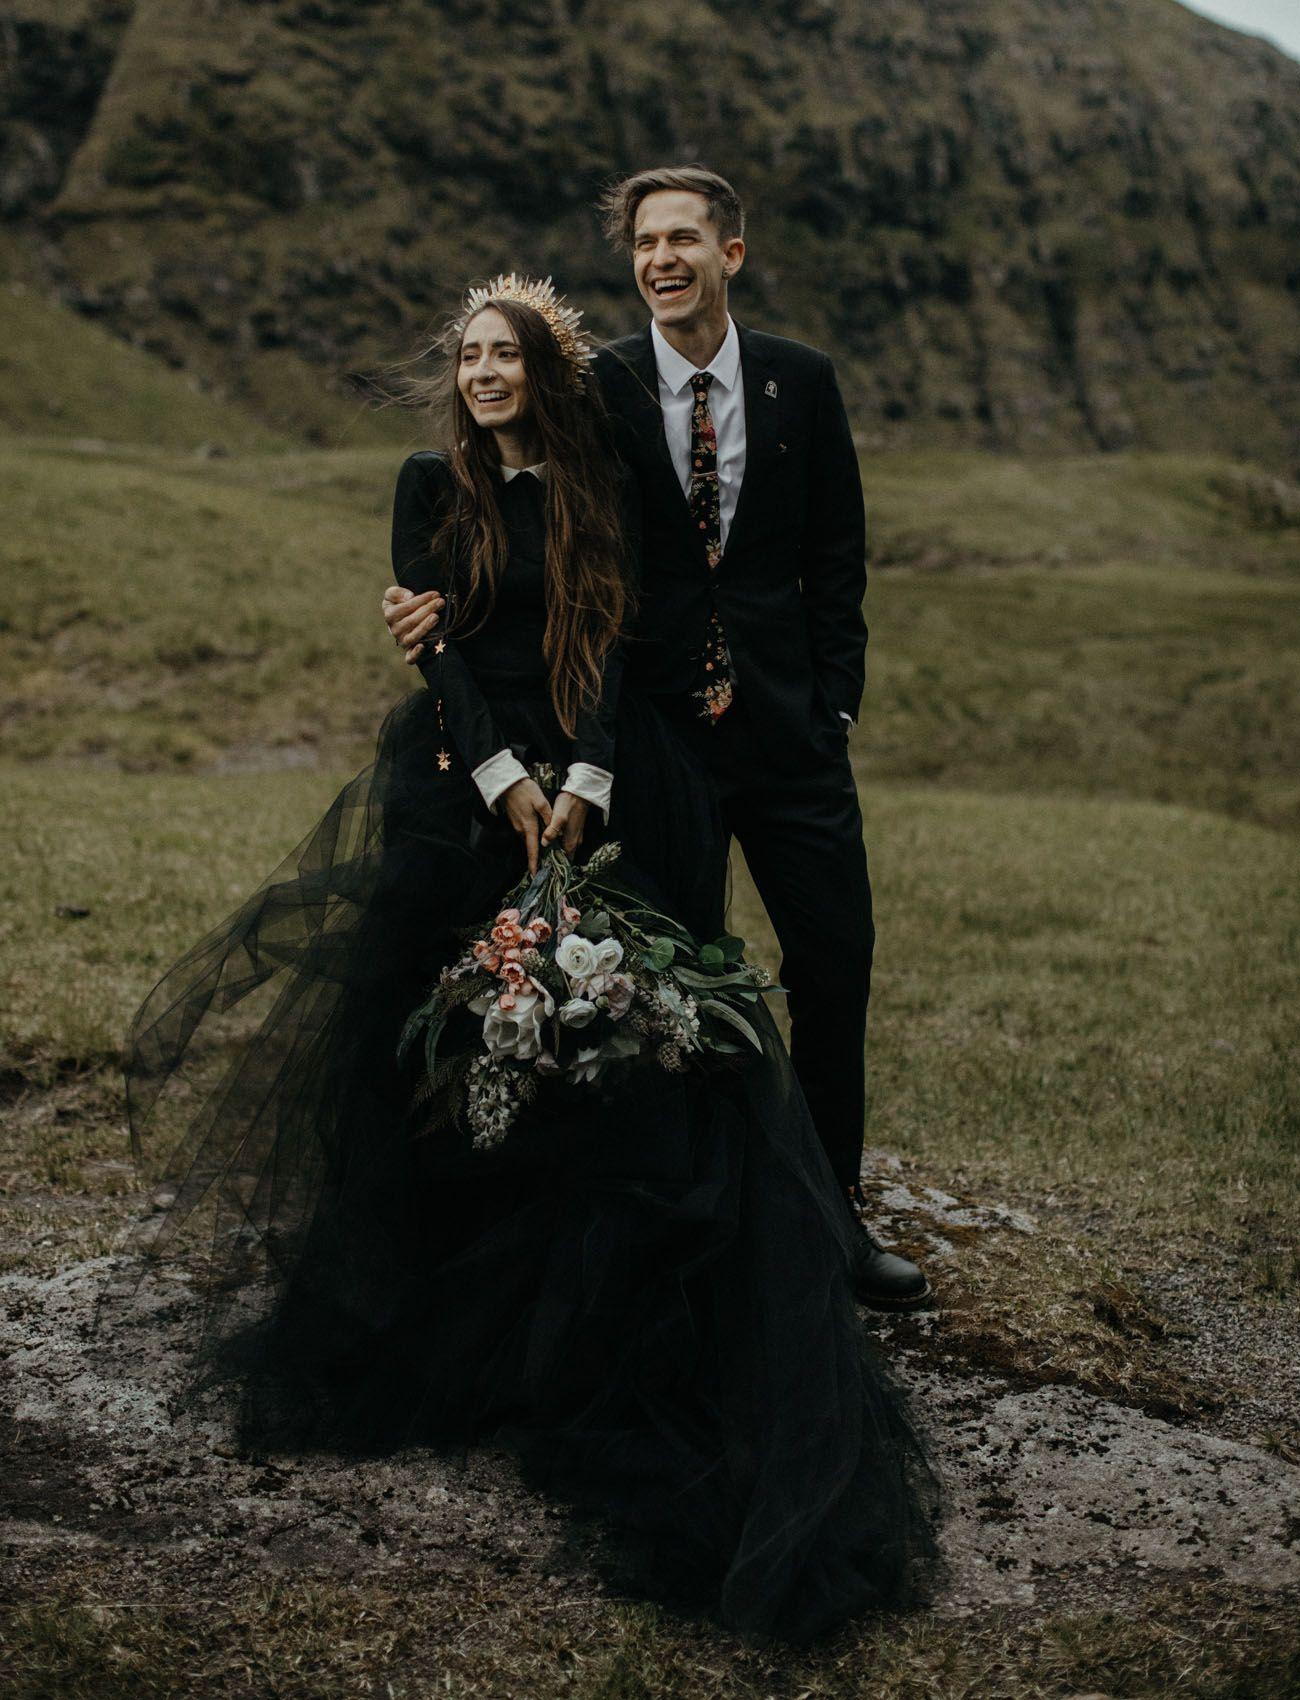 Mango Street Sweethearts Rachel Daniel S Moody Elopement On The Faroe Islands Green Wedding Shoes Gothic Wedding Black Wedding Dresses Wedding Dress Guide [ 1700 x 1300 Pixel ]